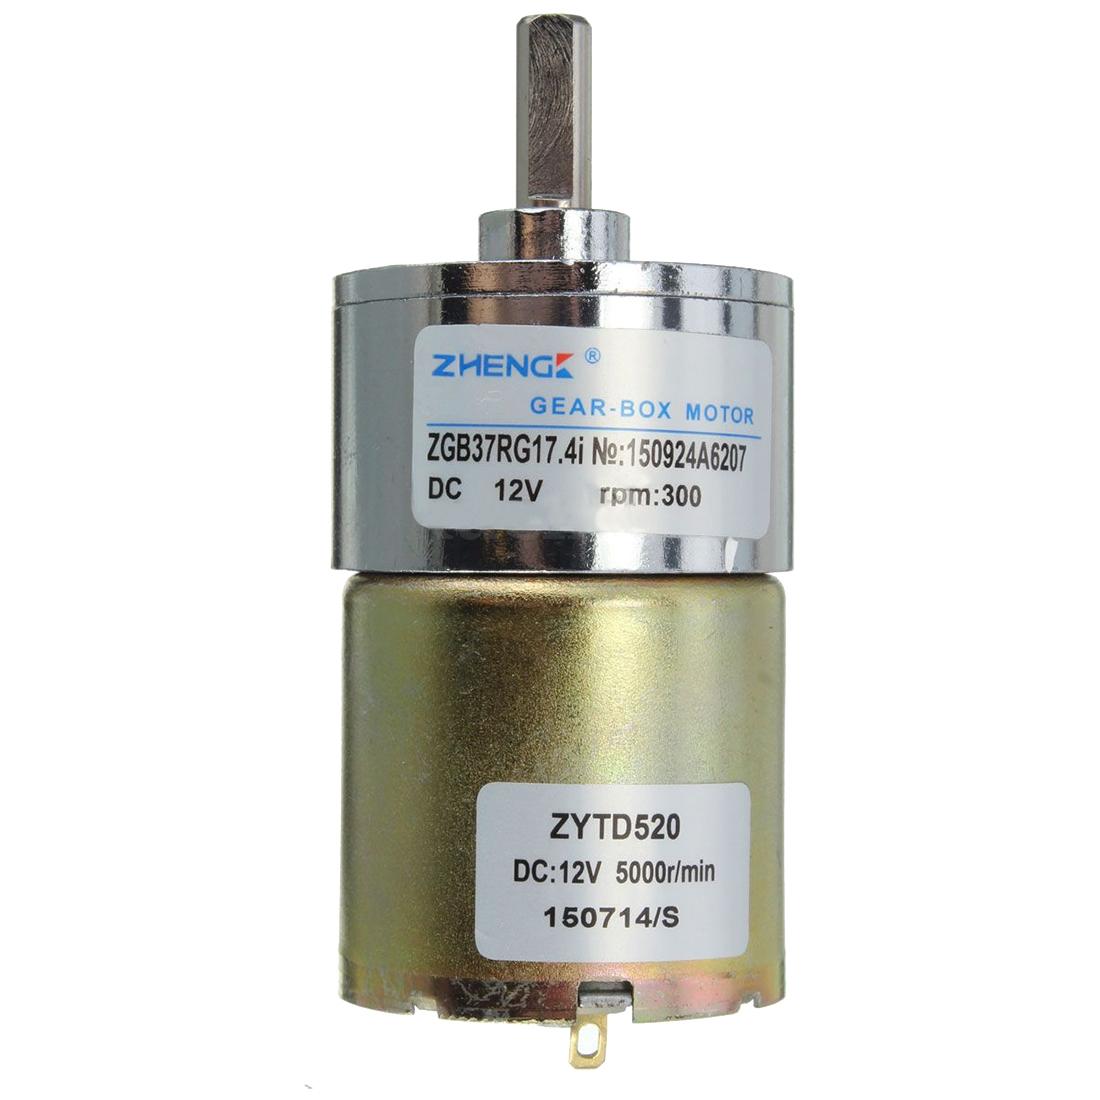 Zhengk 12vdc electric motor 300 rpm high torque gear motor for 300 rpm high torque dc motor